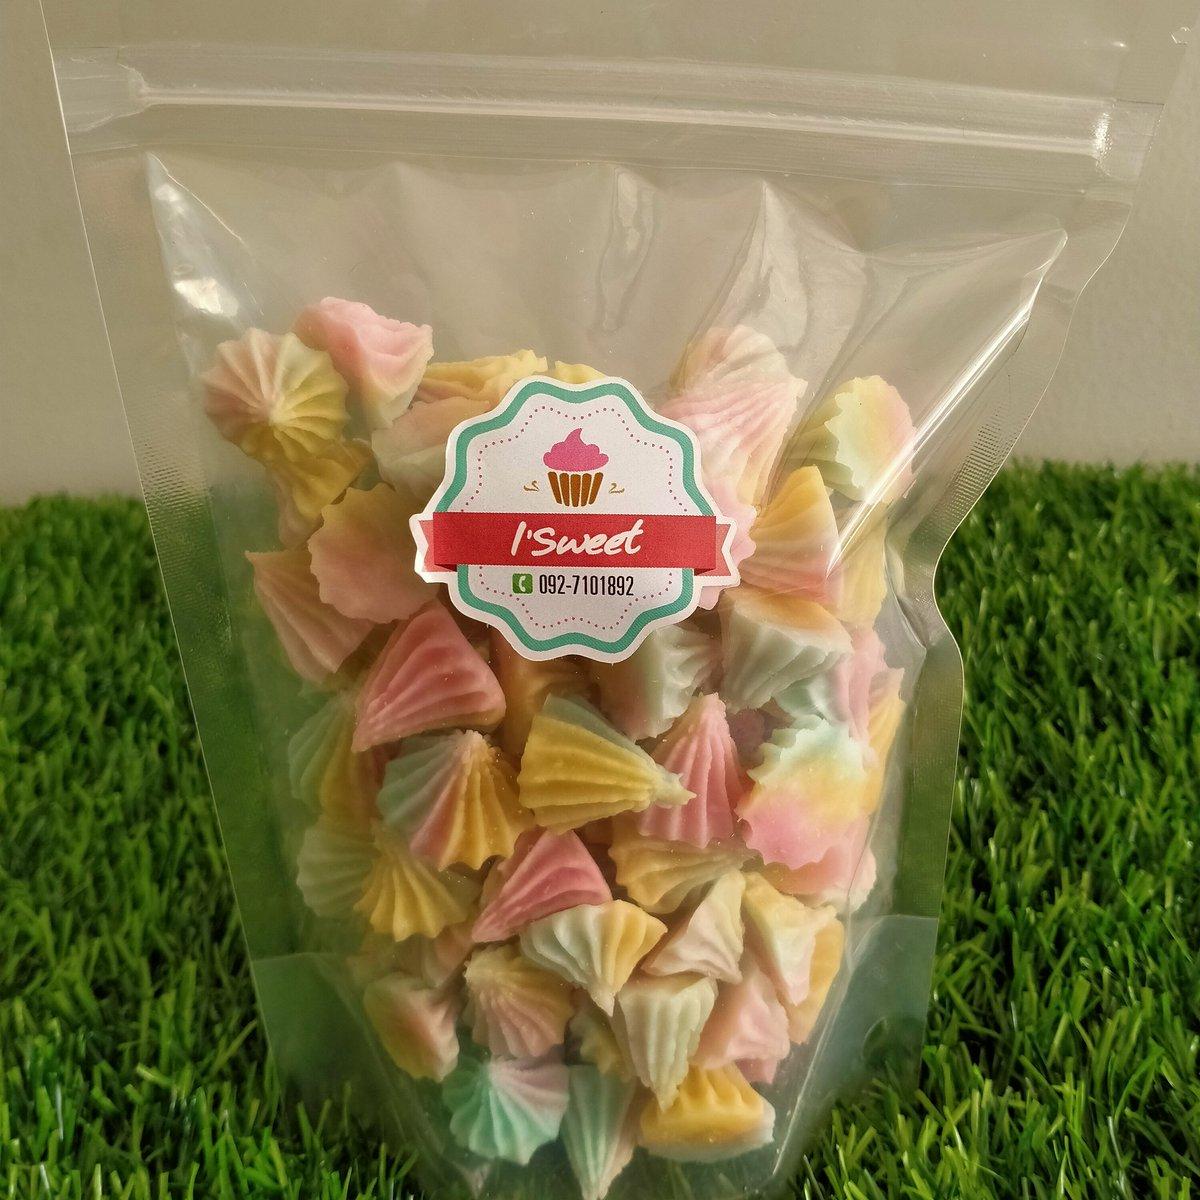 อาลัวกะทิ หอม อร่อย มัน หวานกำลังดี กรอบนอกนุ่มใน 🌟🌟🌟  #ขนมอาลัว #kinnomkanz #อาลัว #การ์ตูน #ขนม #ตุ๊กตา #ขนมไทย #thaidessert #thaidesserts #alua #ของฝาก #ของขวัญ #ขนมไทยโฮมเมด #โฮมเมด #homemade #gift #snack #sweet #ขนมทานเล่น #อาลัวมินิ #อาลัวจิ๋ว #อาลัวหวานน้อย #อาลัวกะทิ